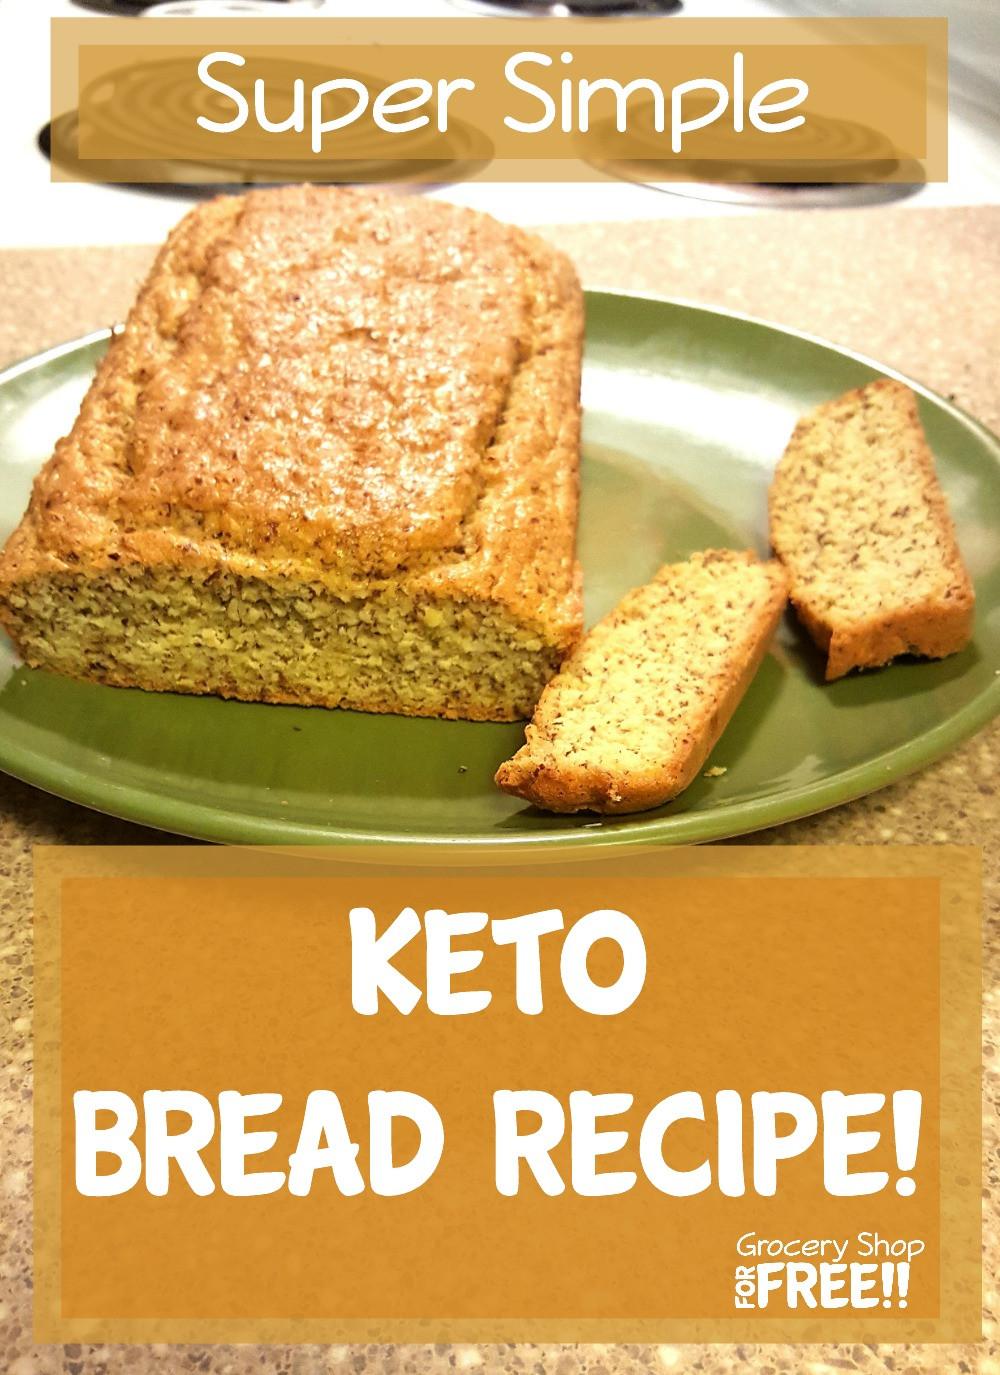 Recipes For Keto Bread  Easy Keto Bread Recipe